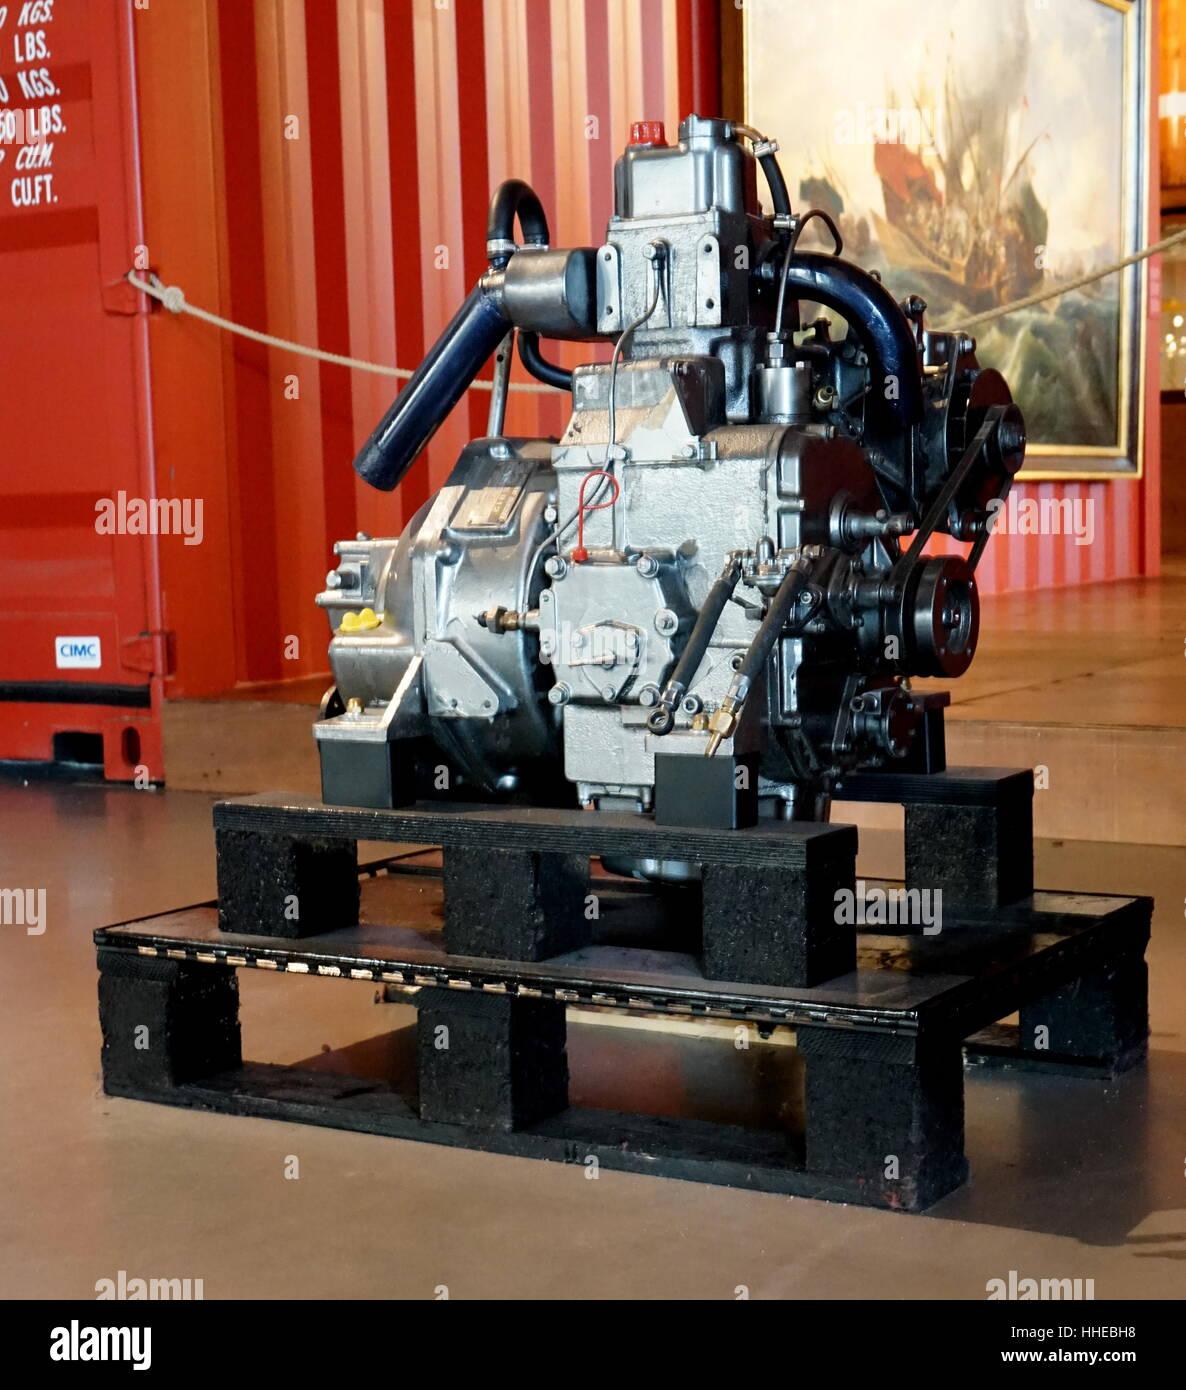 Yanmar marine diesel engine model sb 12 12hp manufactured in japan 1976